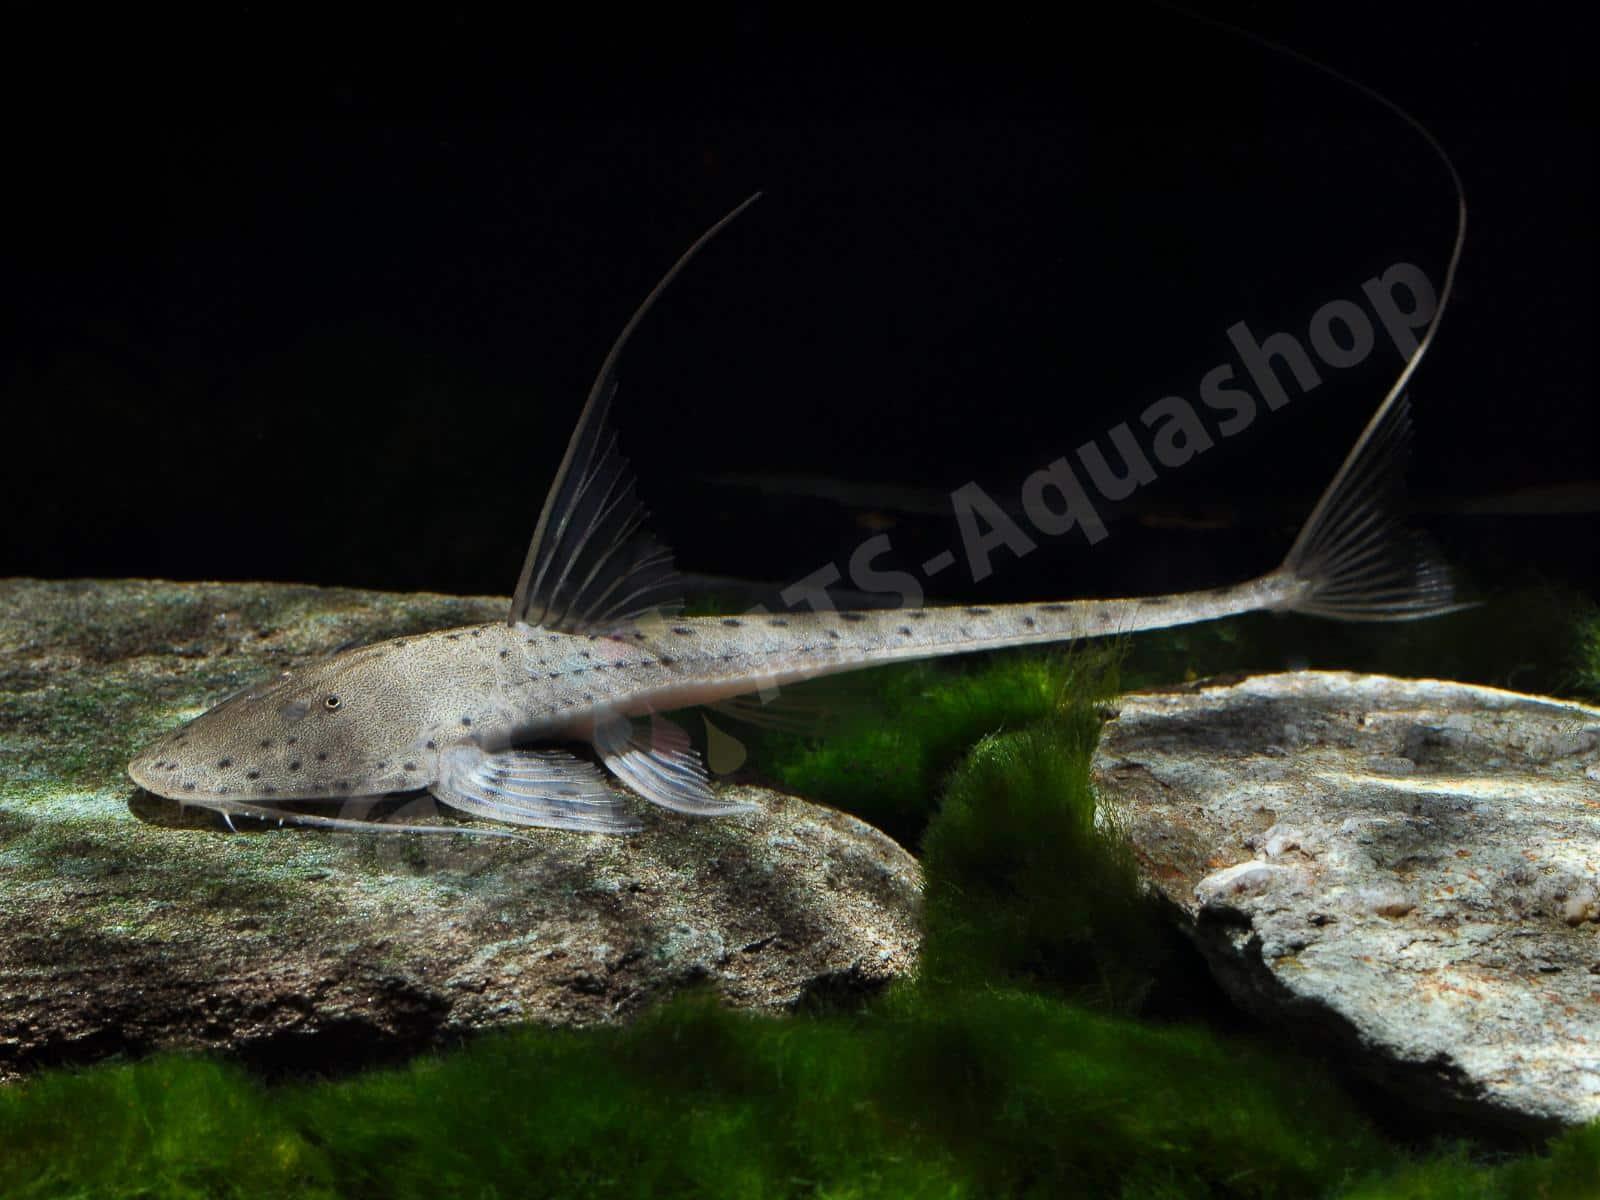 planiloricaria cryptodon enrico richter 0074 7